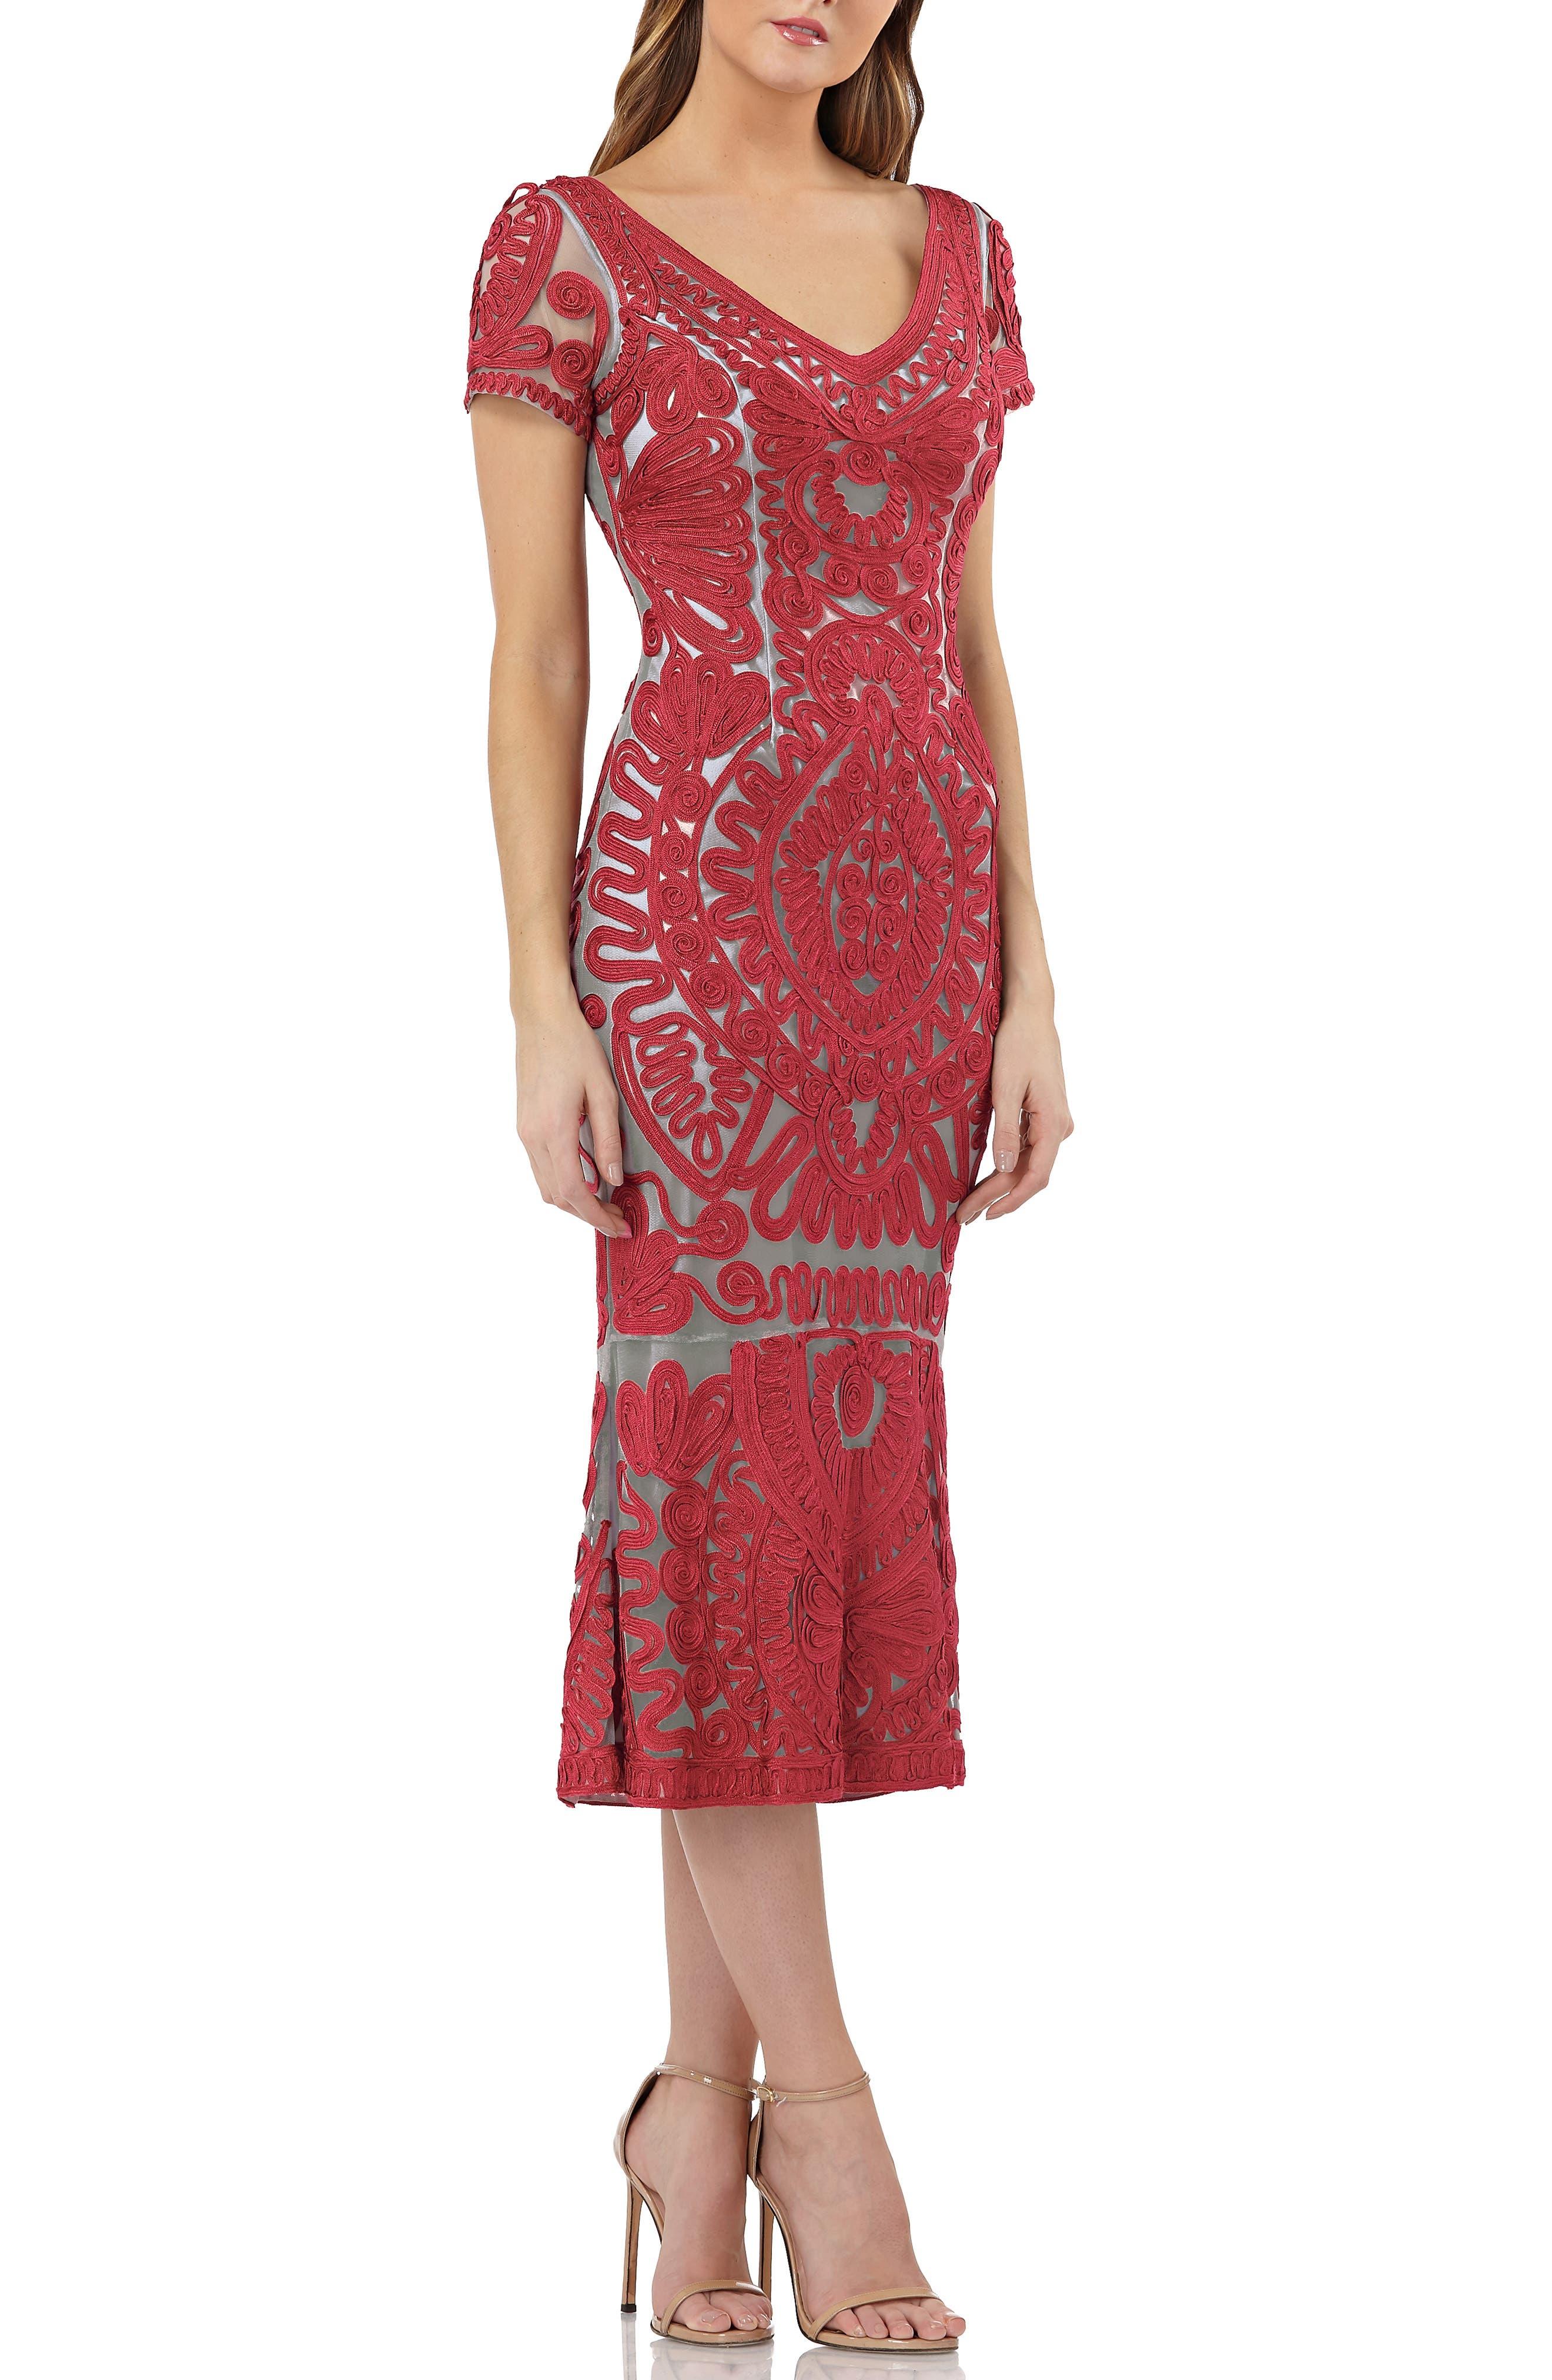 Js Collections Soutache Trumpet Dress, Red